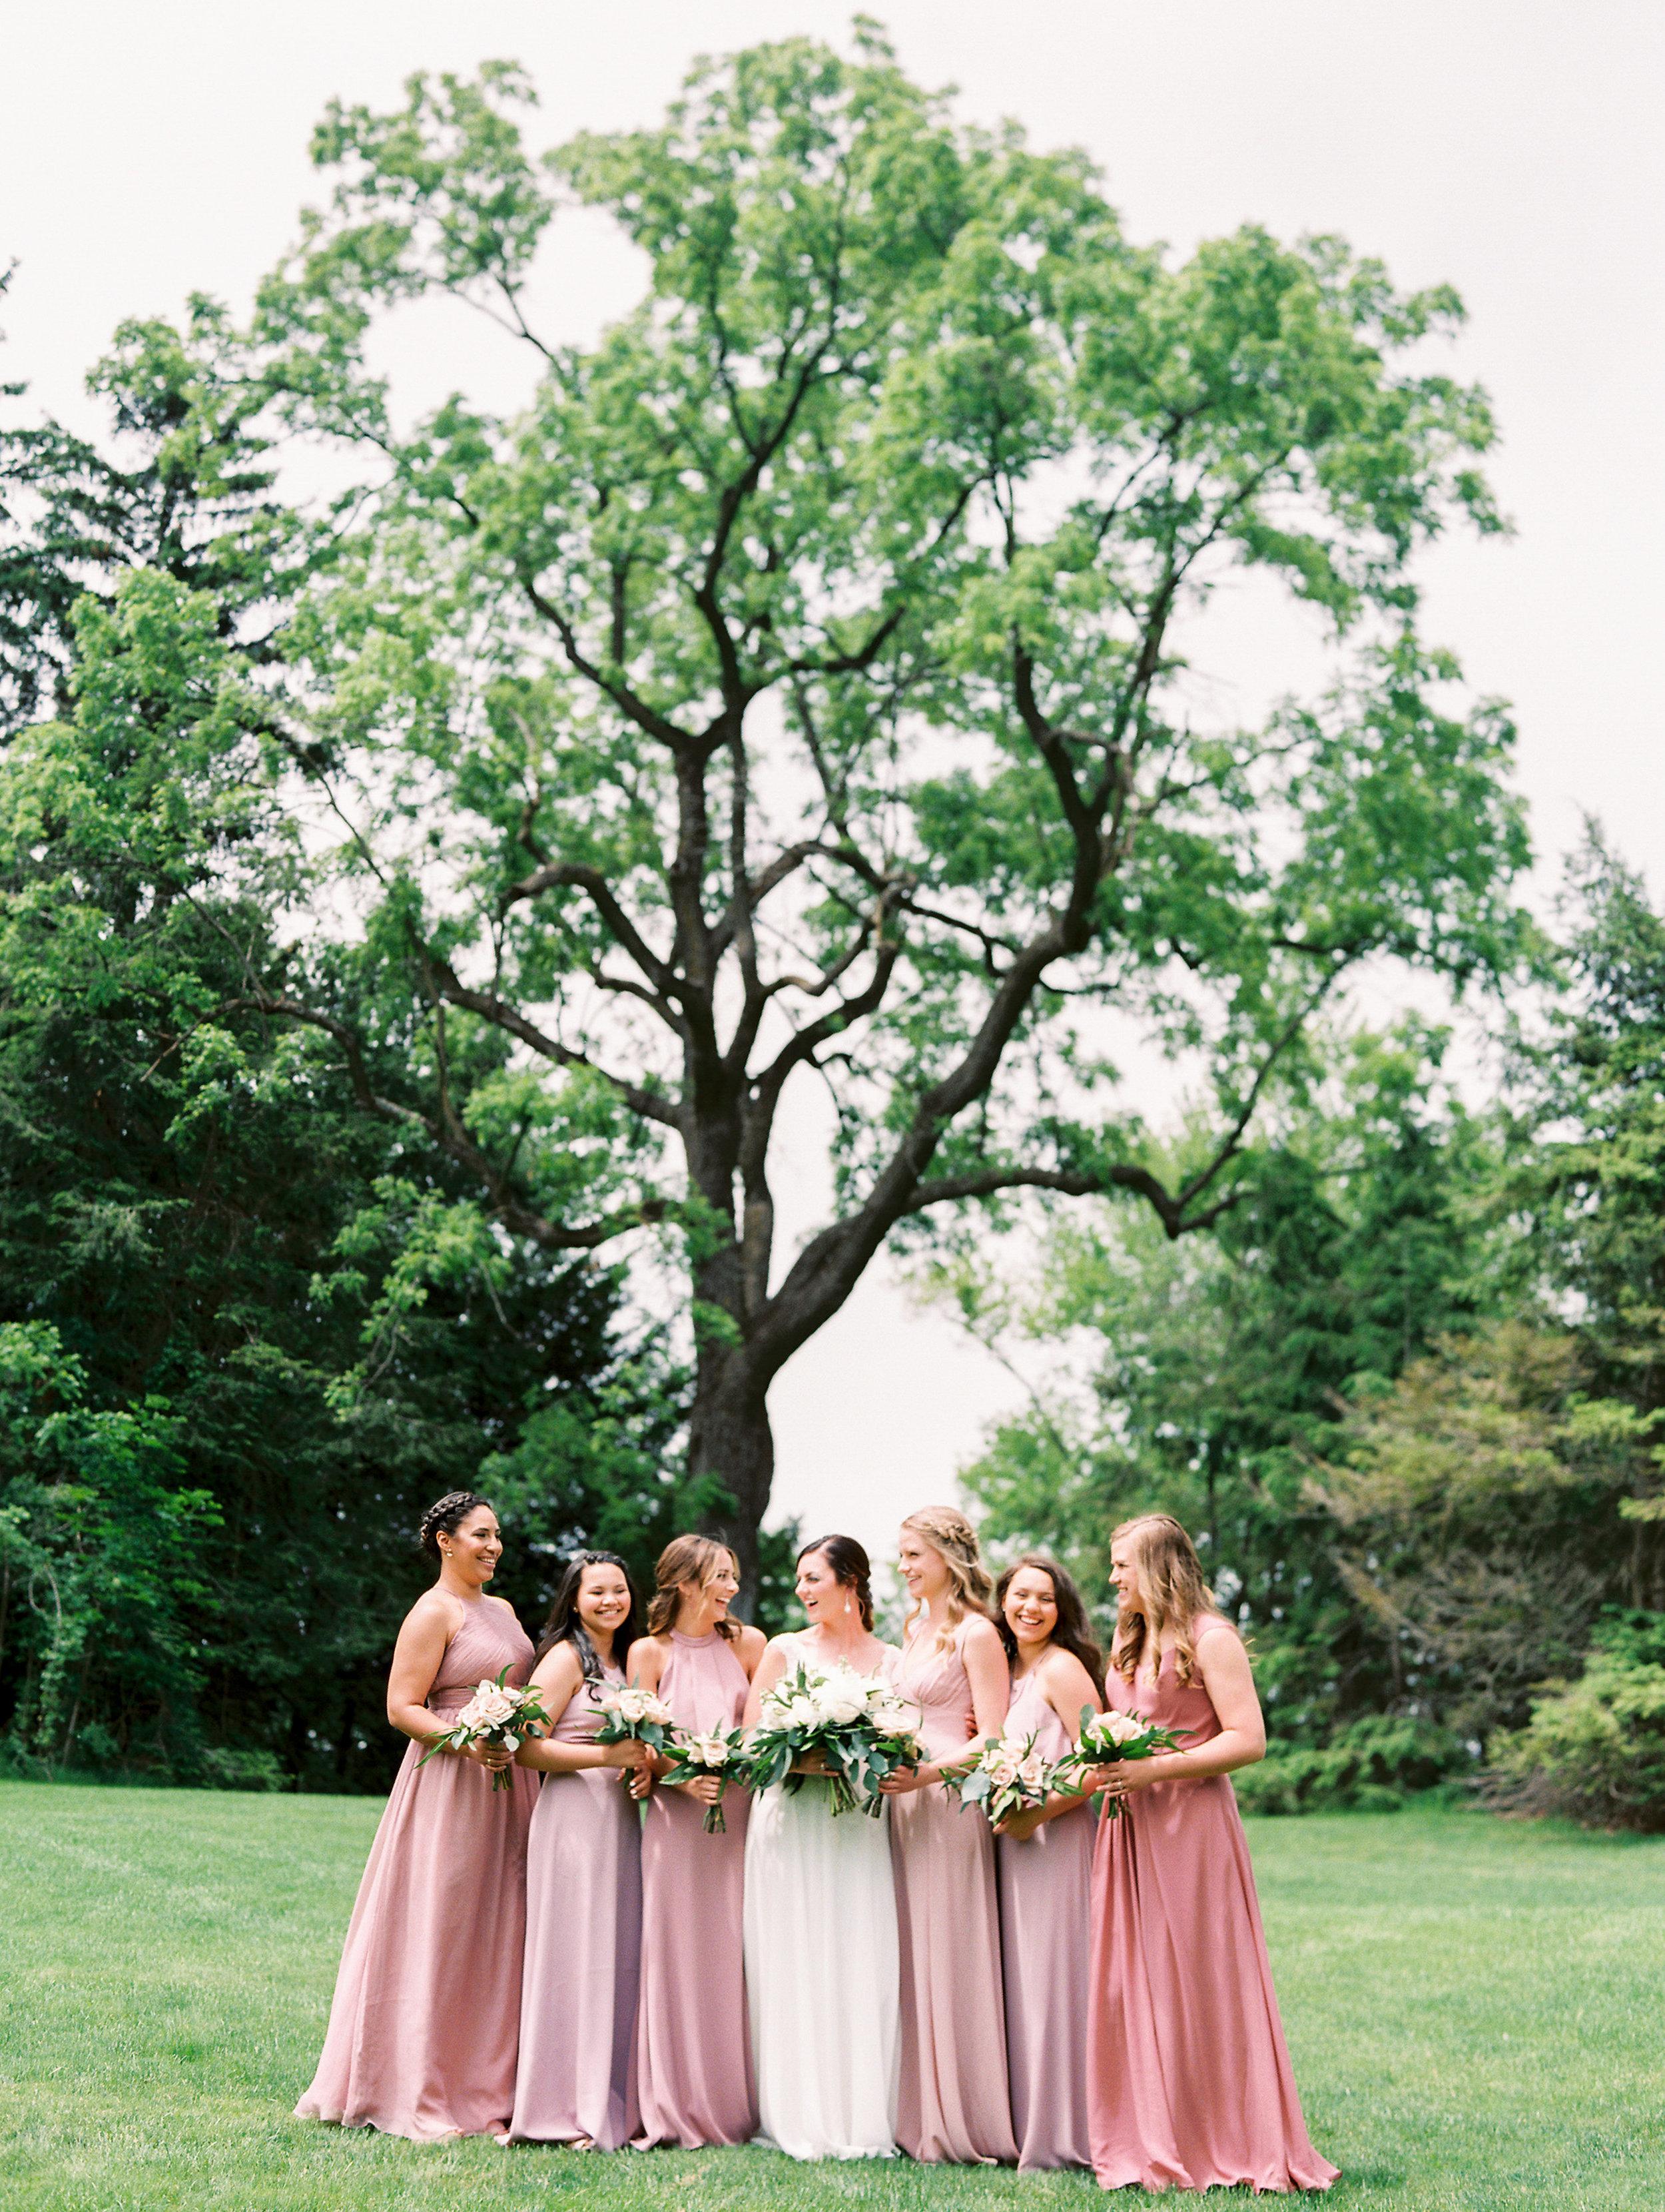 Julius+Wedding+BridalPartyf-69.jpg